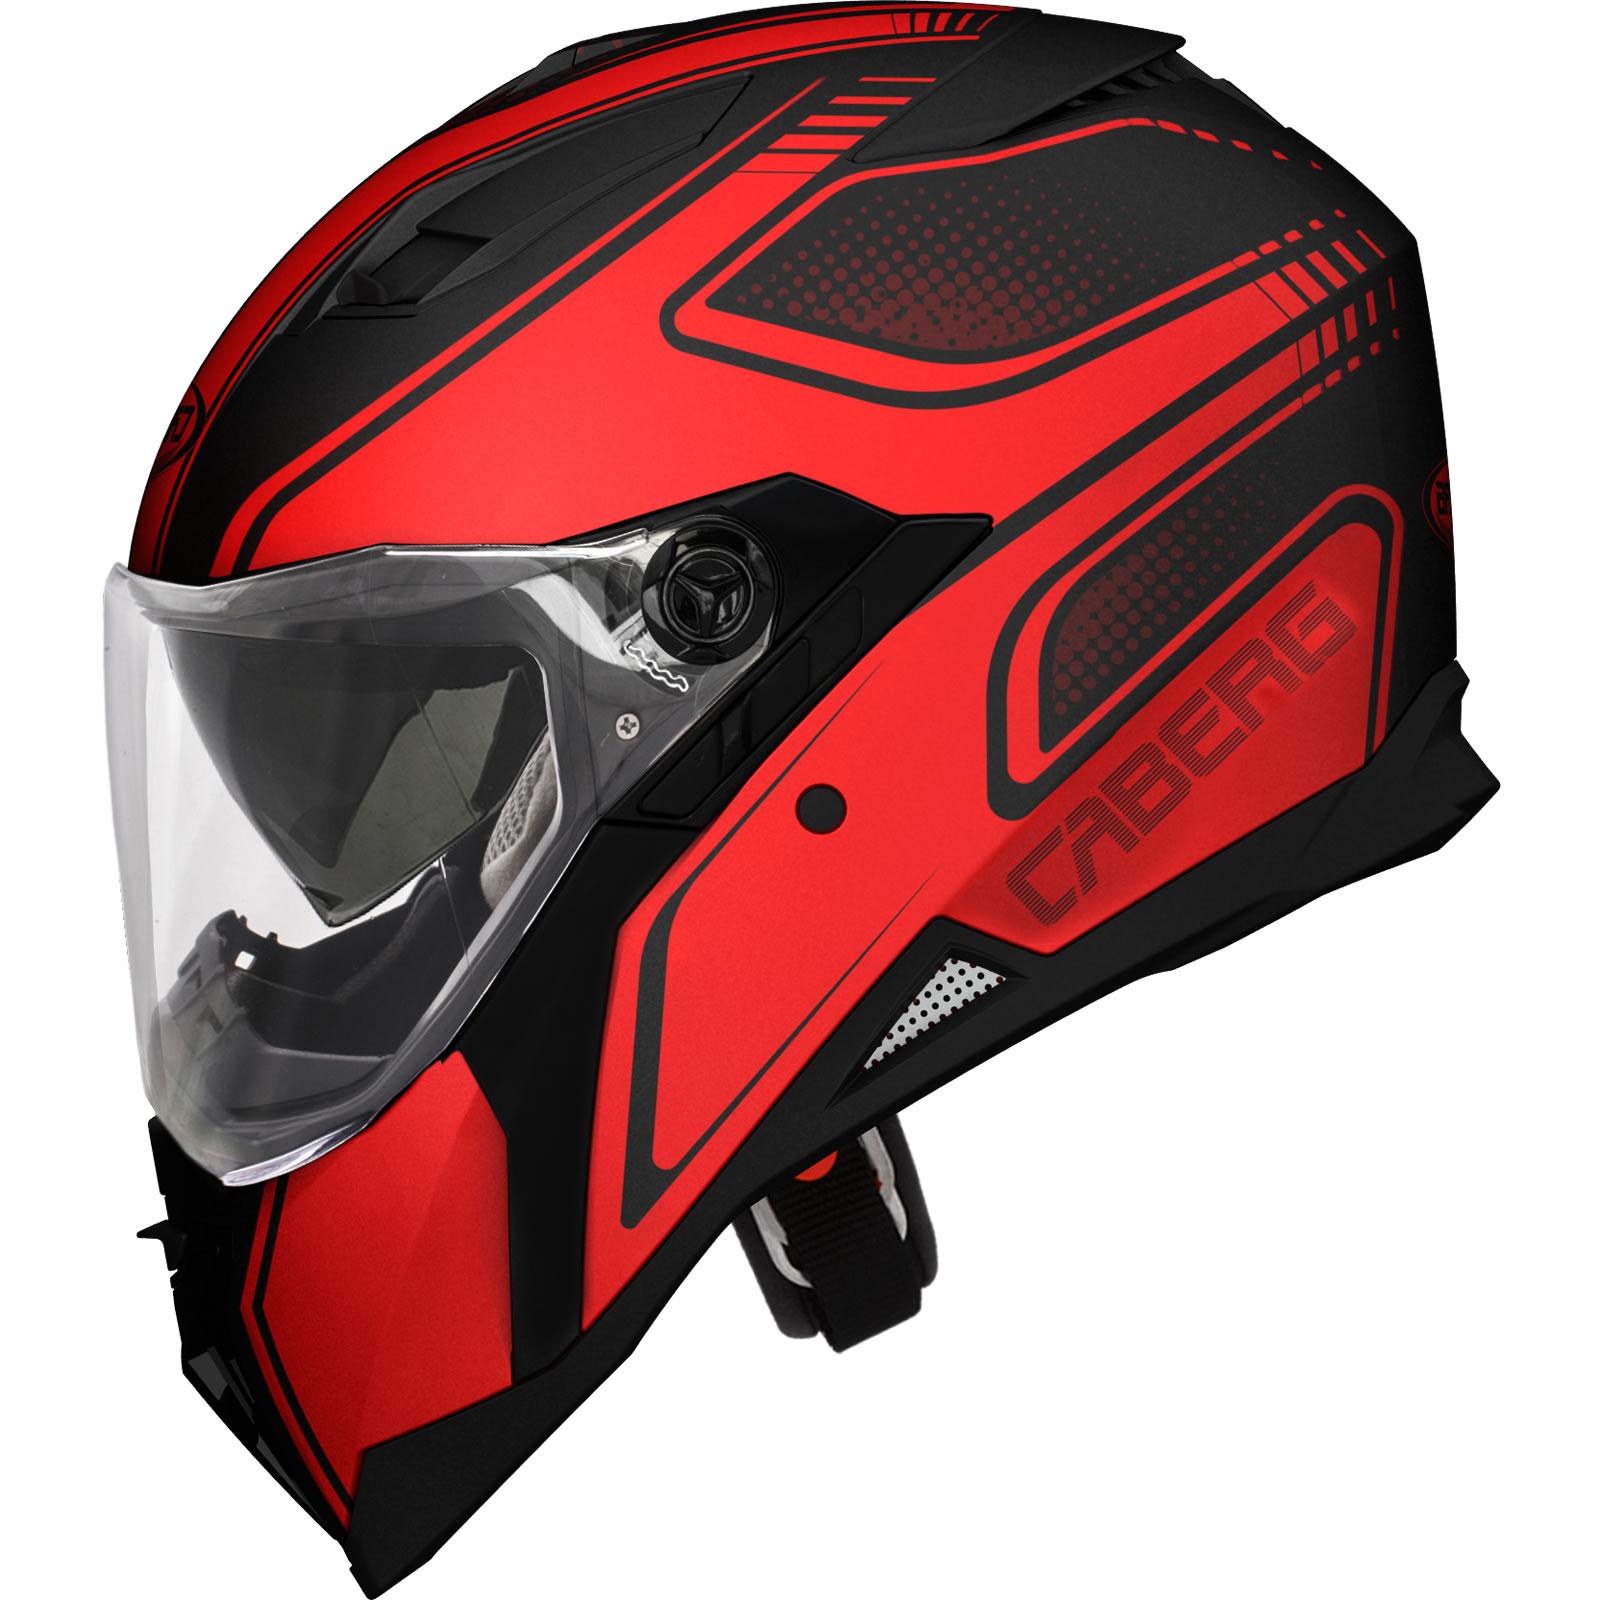 Red Visor Motorcycle Helmet